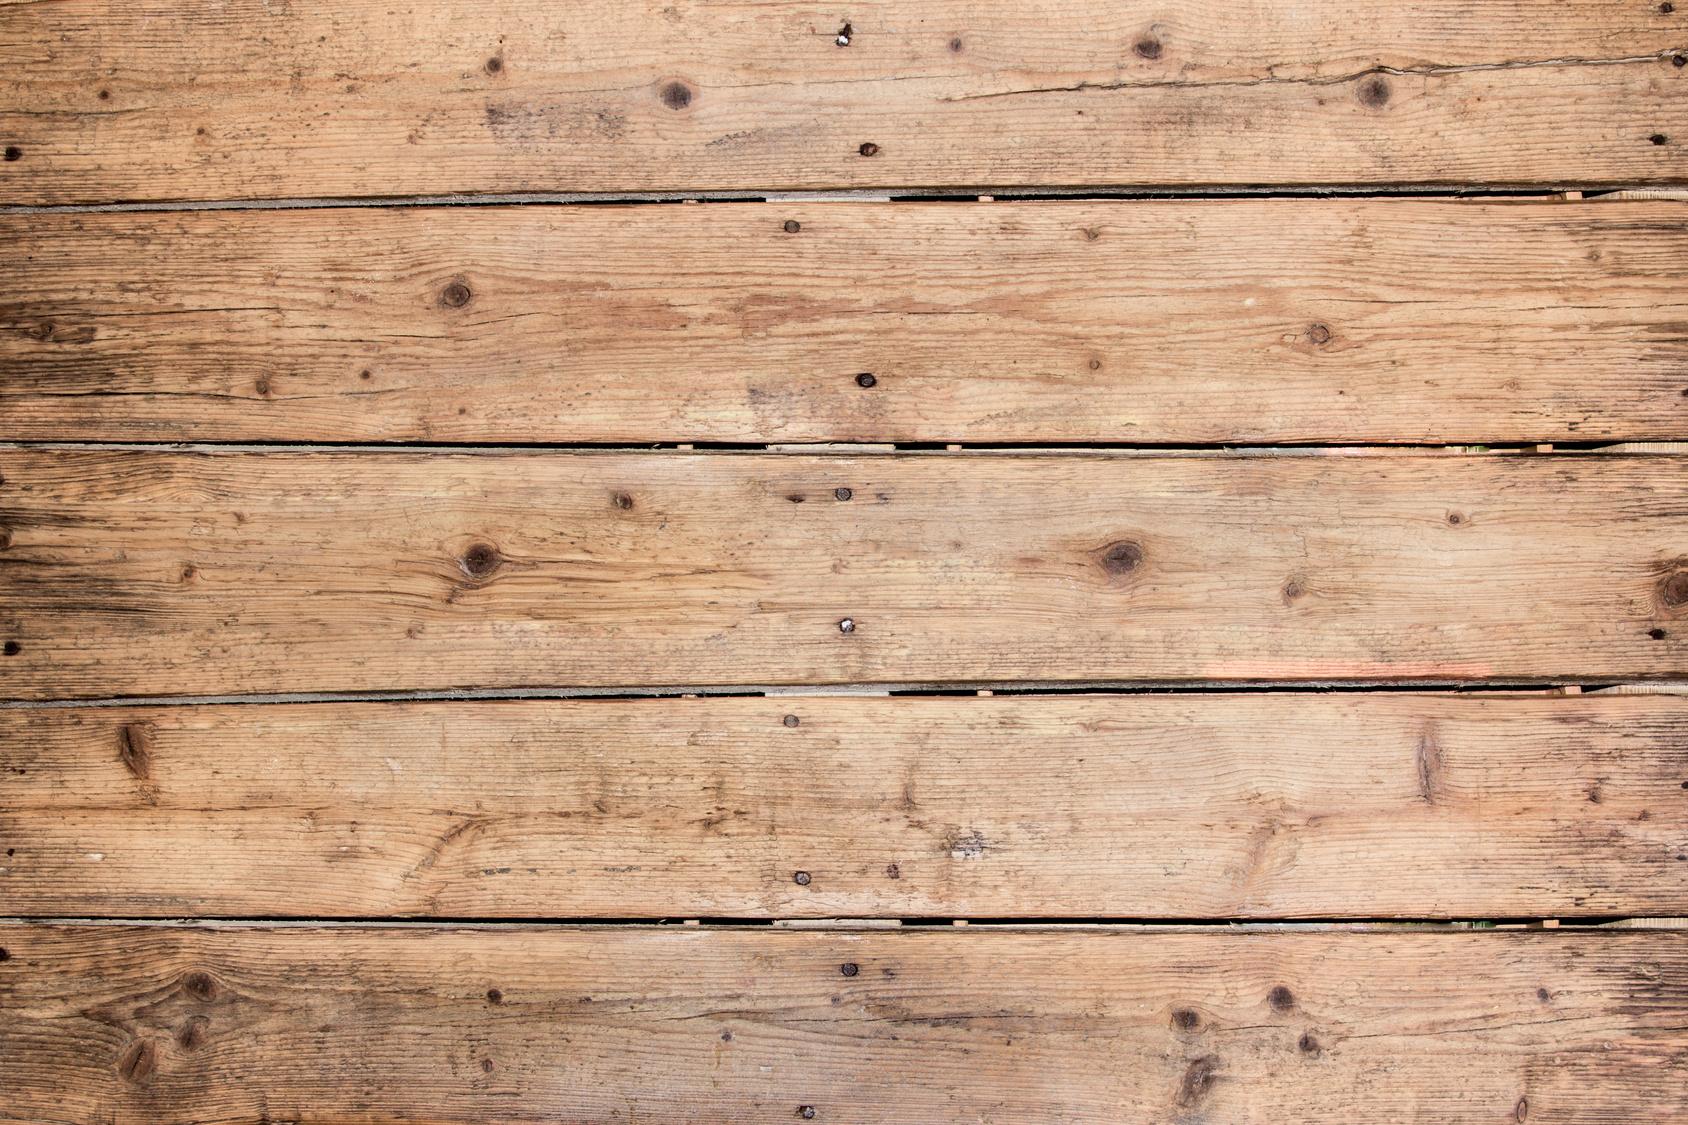 Full Size of Hundebett Aus Paletten Selber Bauen Europaletten Anleitung Kaufen Diy Fenster Austauschen Esstisch Rund Ausziehbar Regal Weinkisten Krankenhaus Bett Weiß Sofa Wohnzimmer Hundebett Aus Paletten